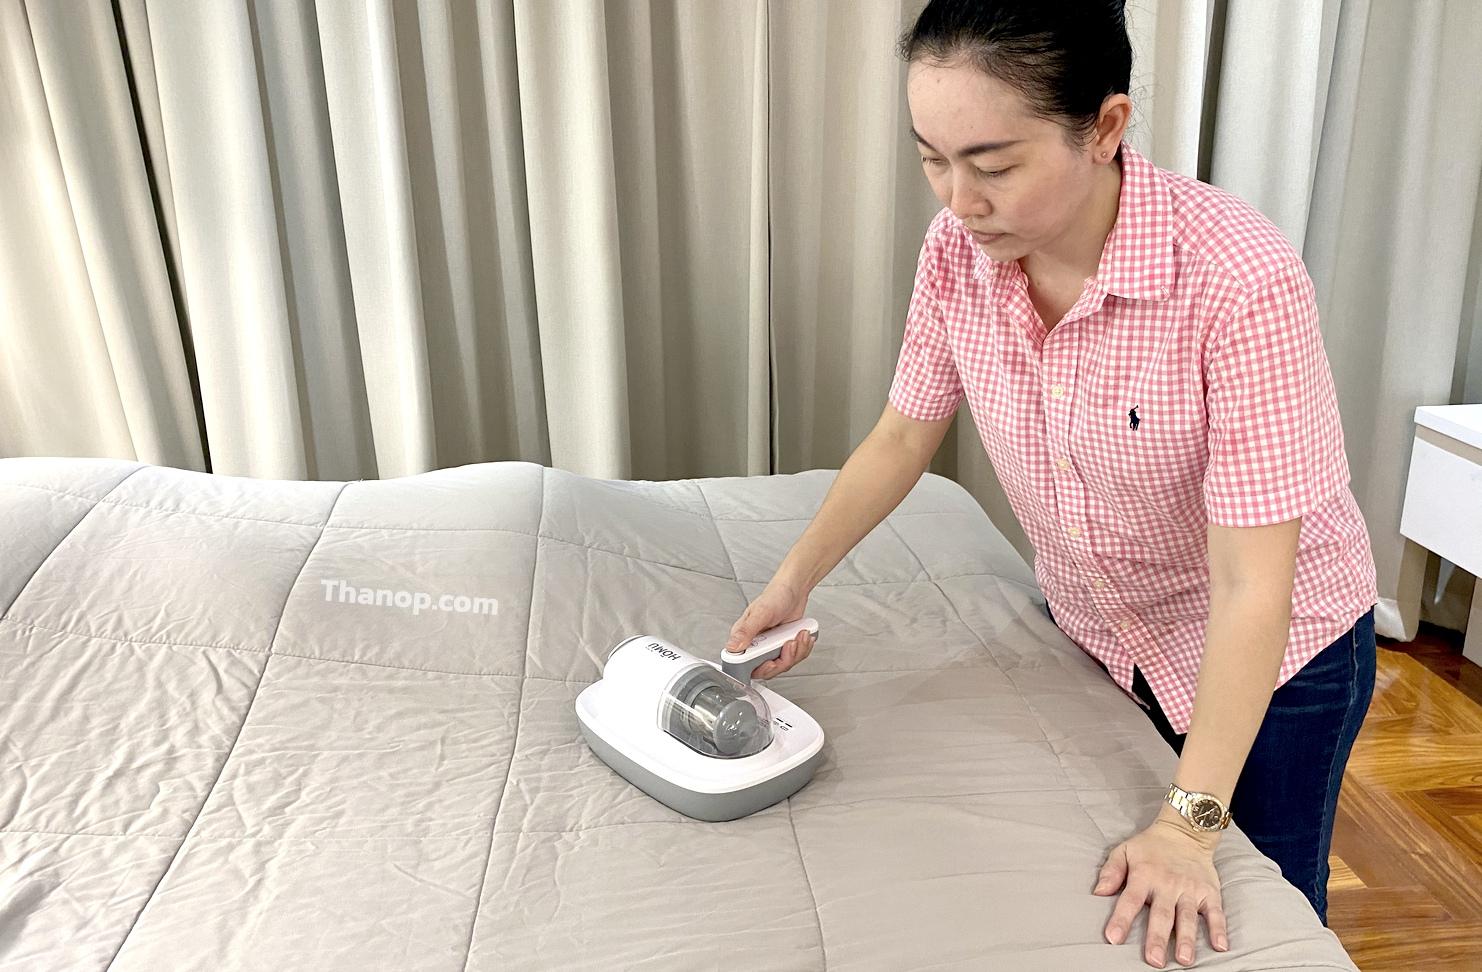 homu-uv-cordless-vacuum-cleaner-featured-image